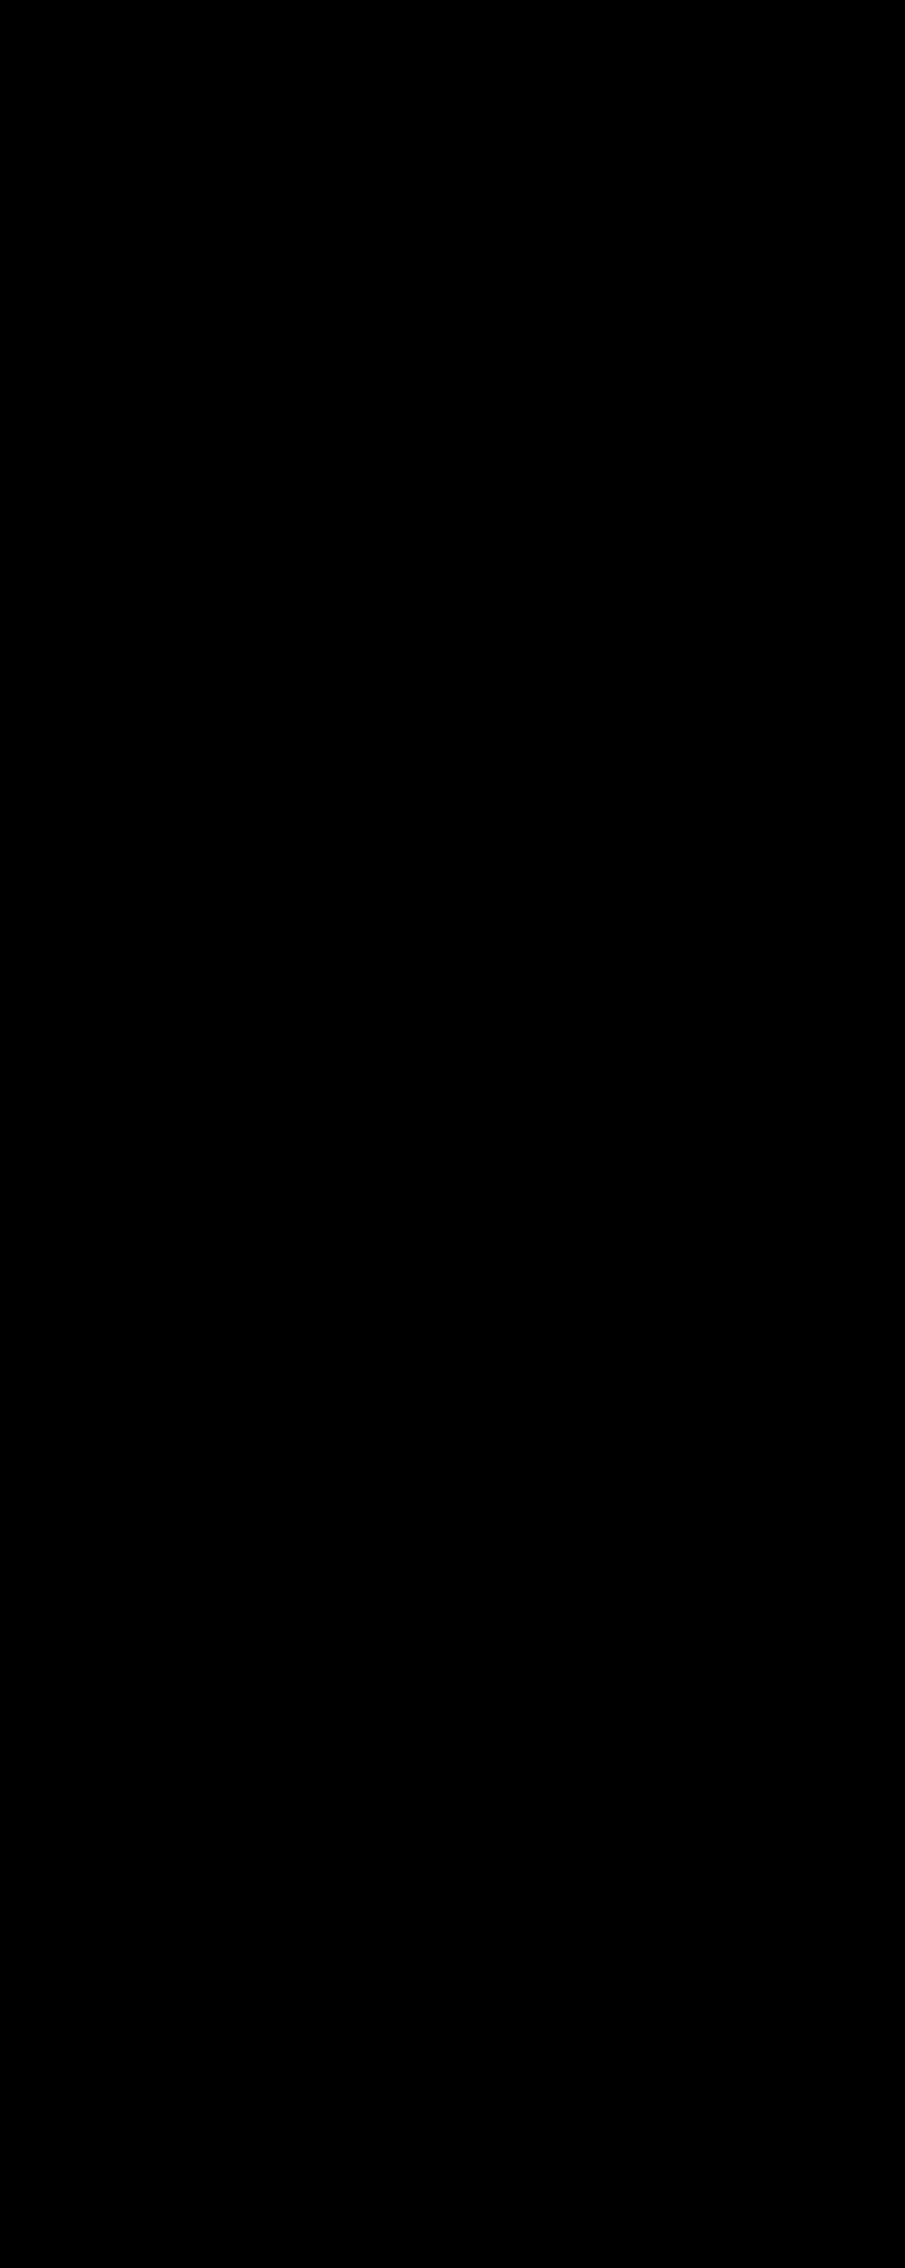 Clipart - Violin Silhouette